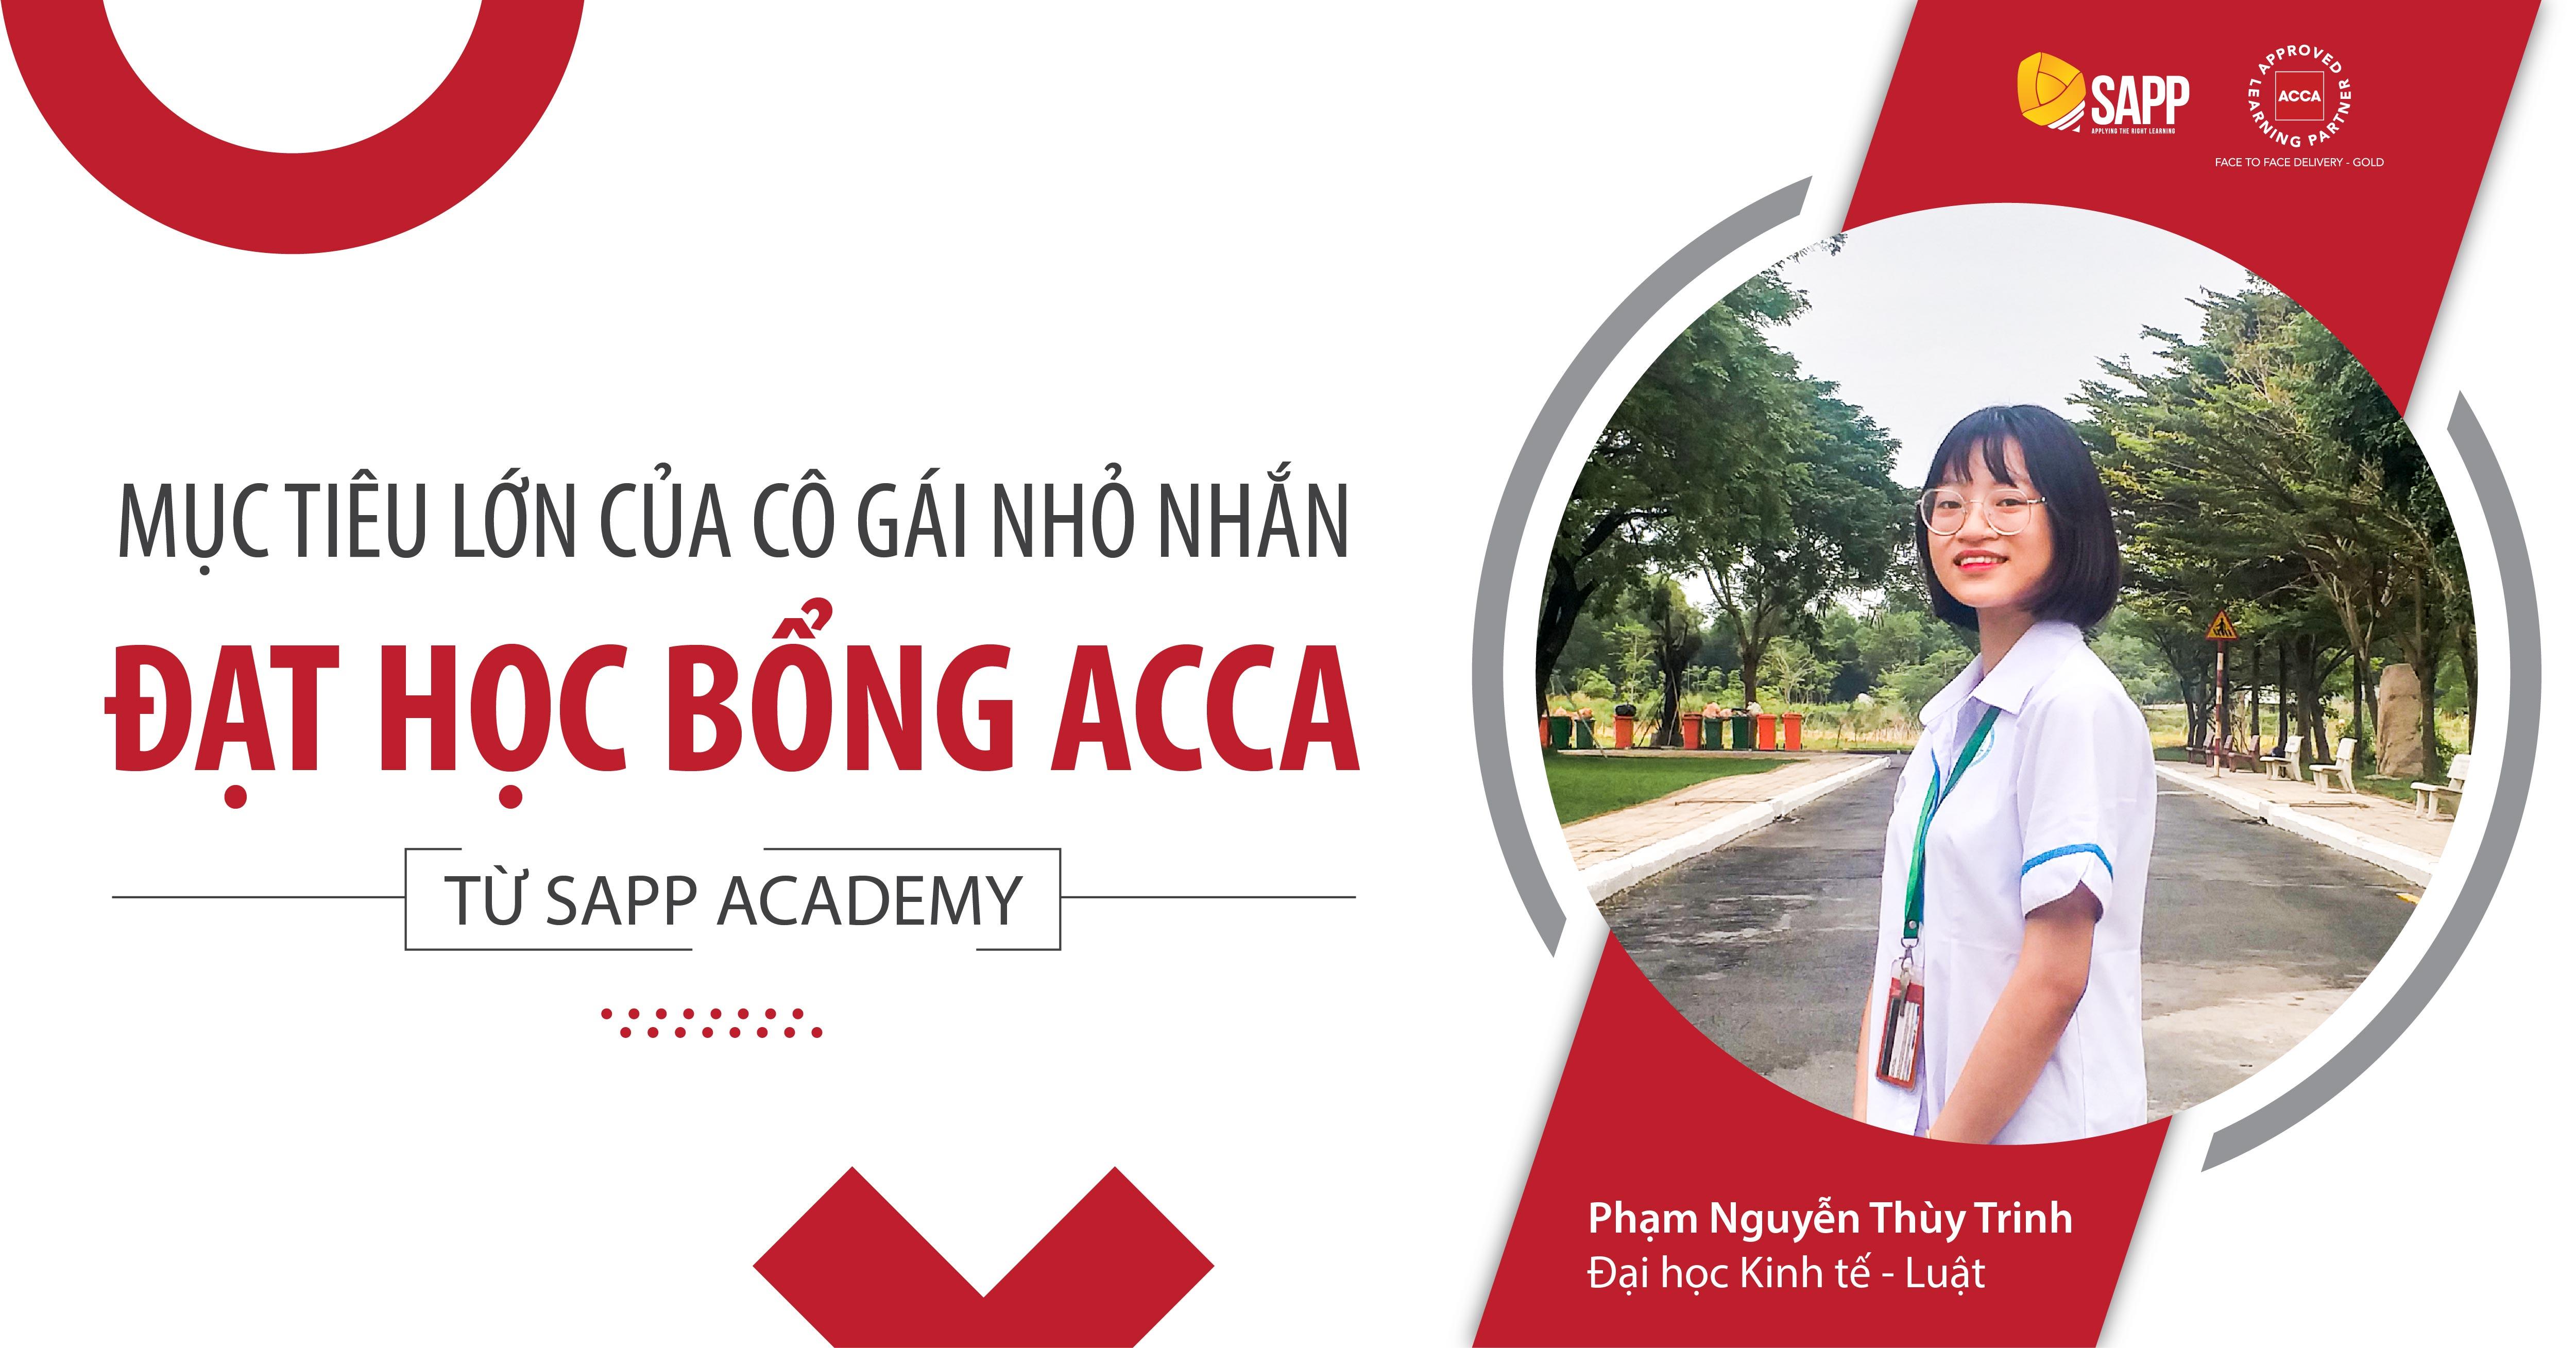 Mục tiêu lớn của của cô gái nhỏ nhắn đạt học bổng ACCA 100% của SAPP Academy